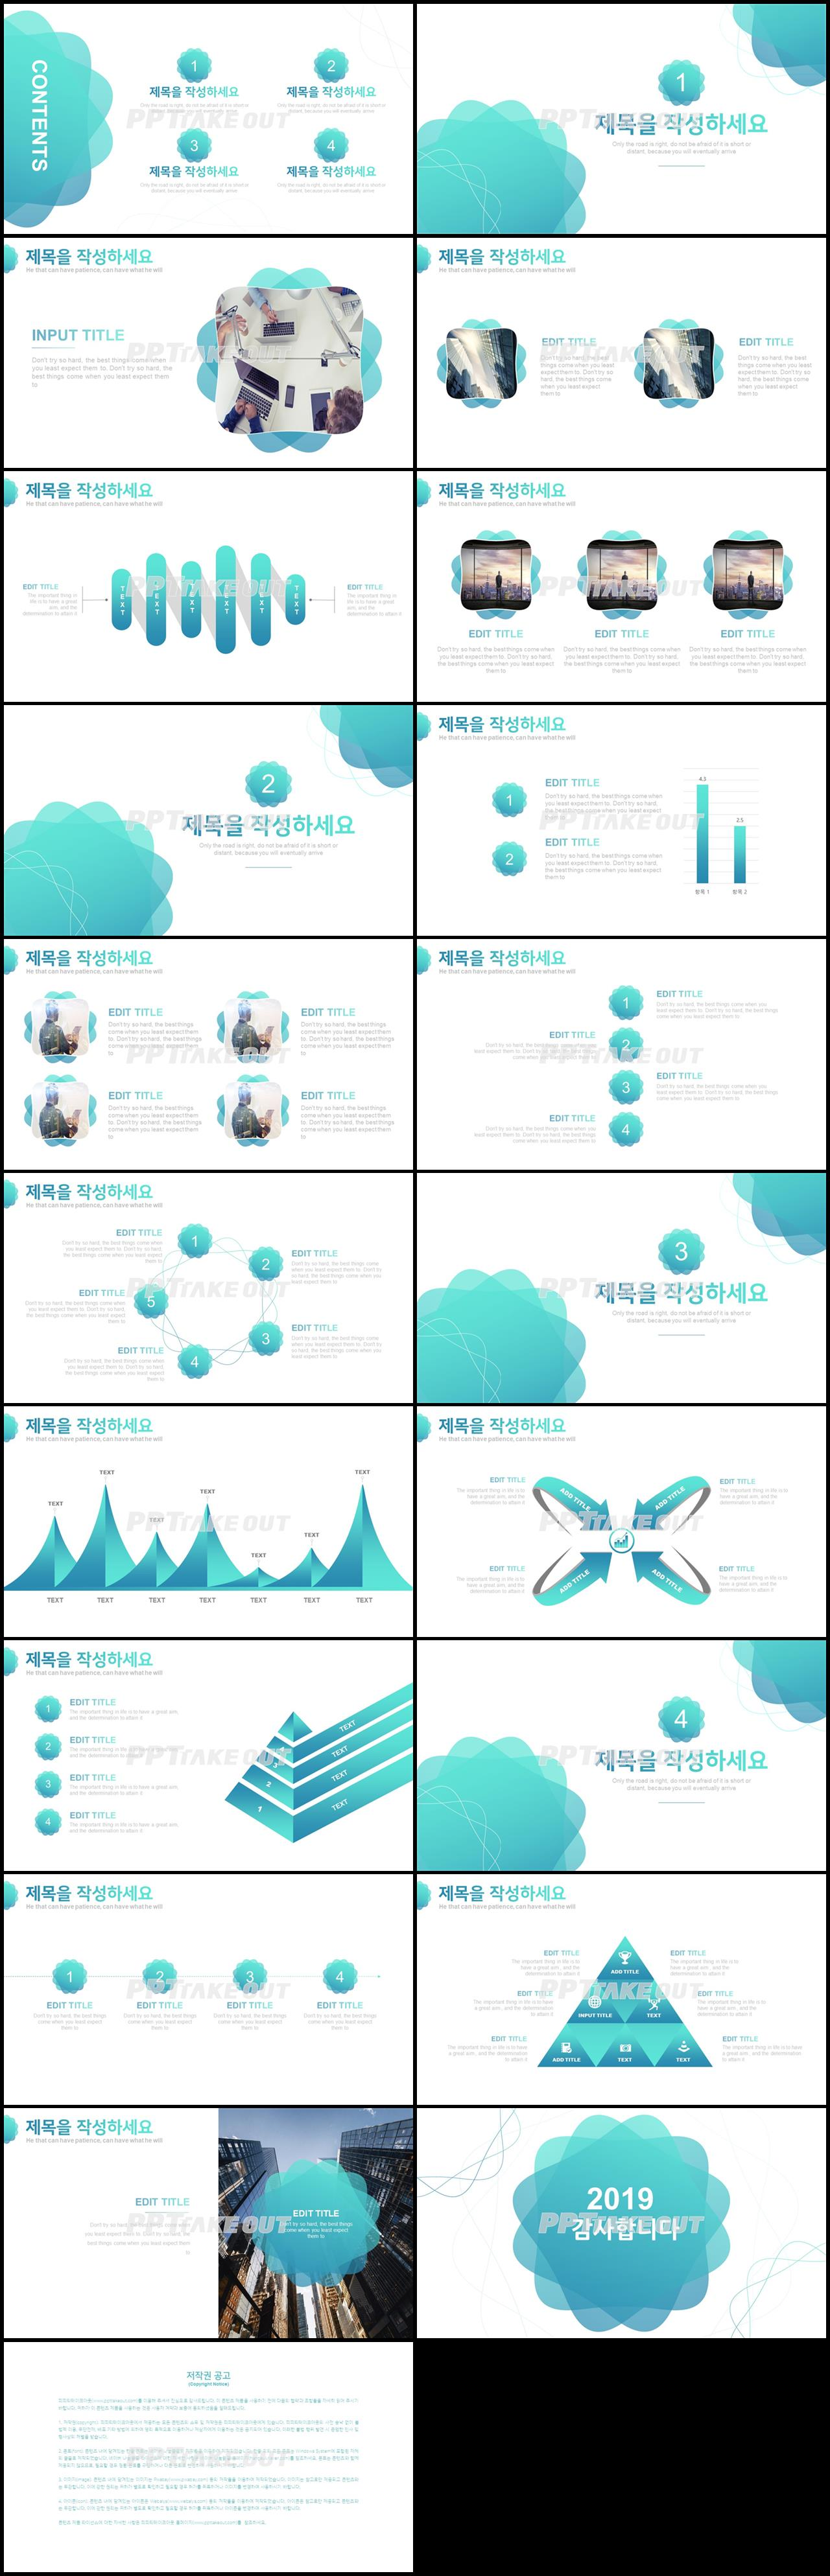 사업융자 파란색 알뜰한 매력적인 파워포인트배경 제작 상세보기